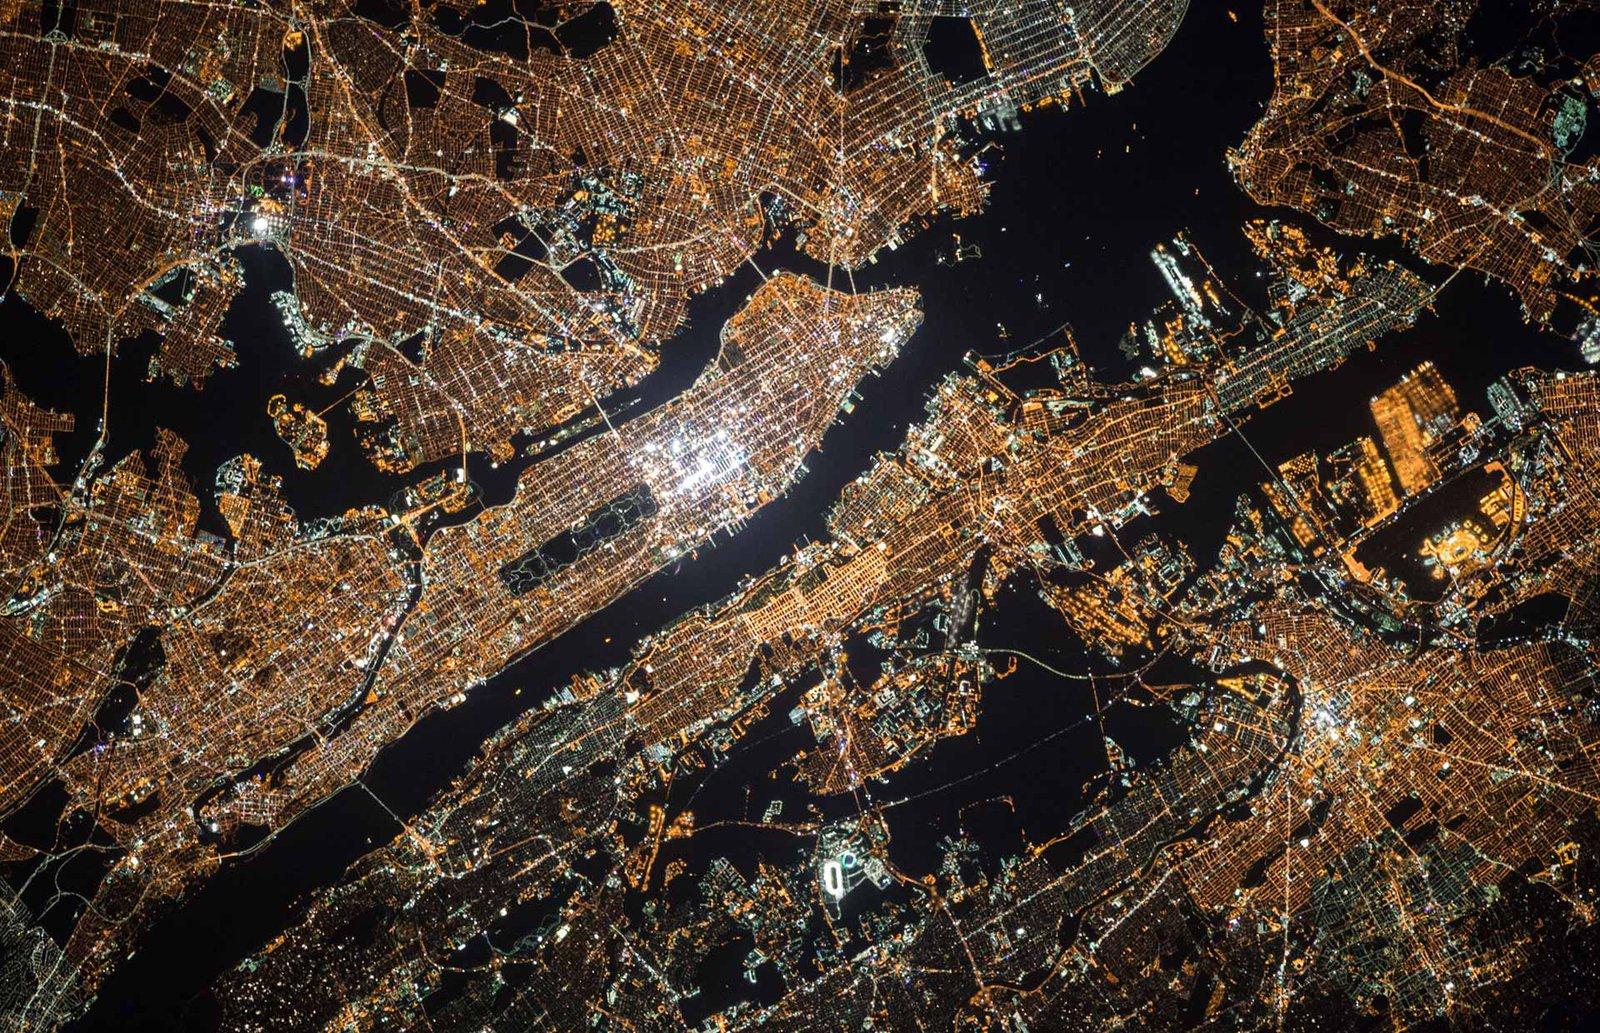 Satellite photo of New York City at night